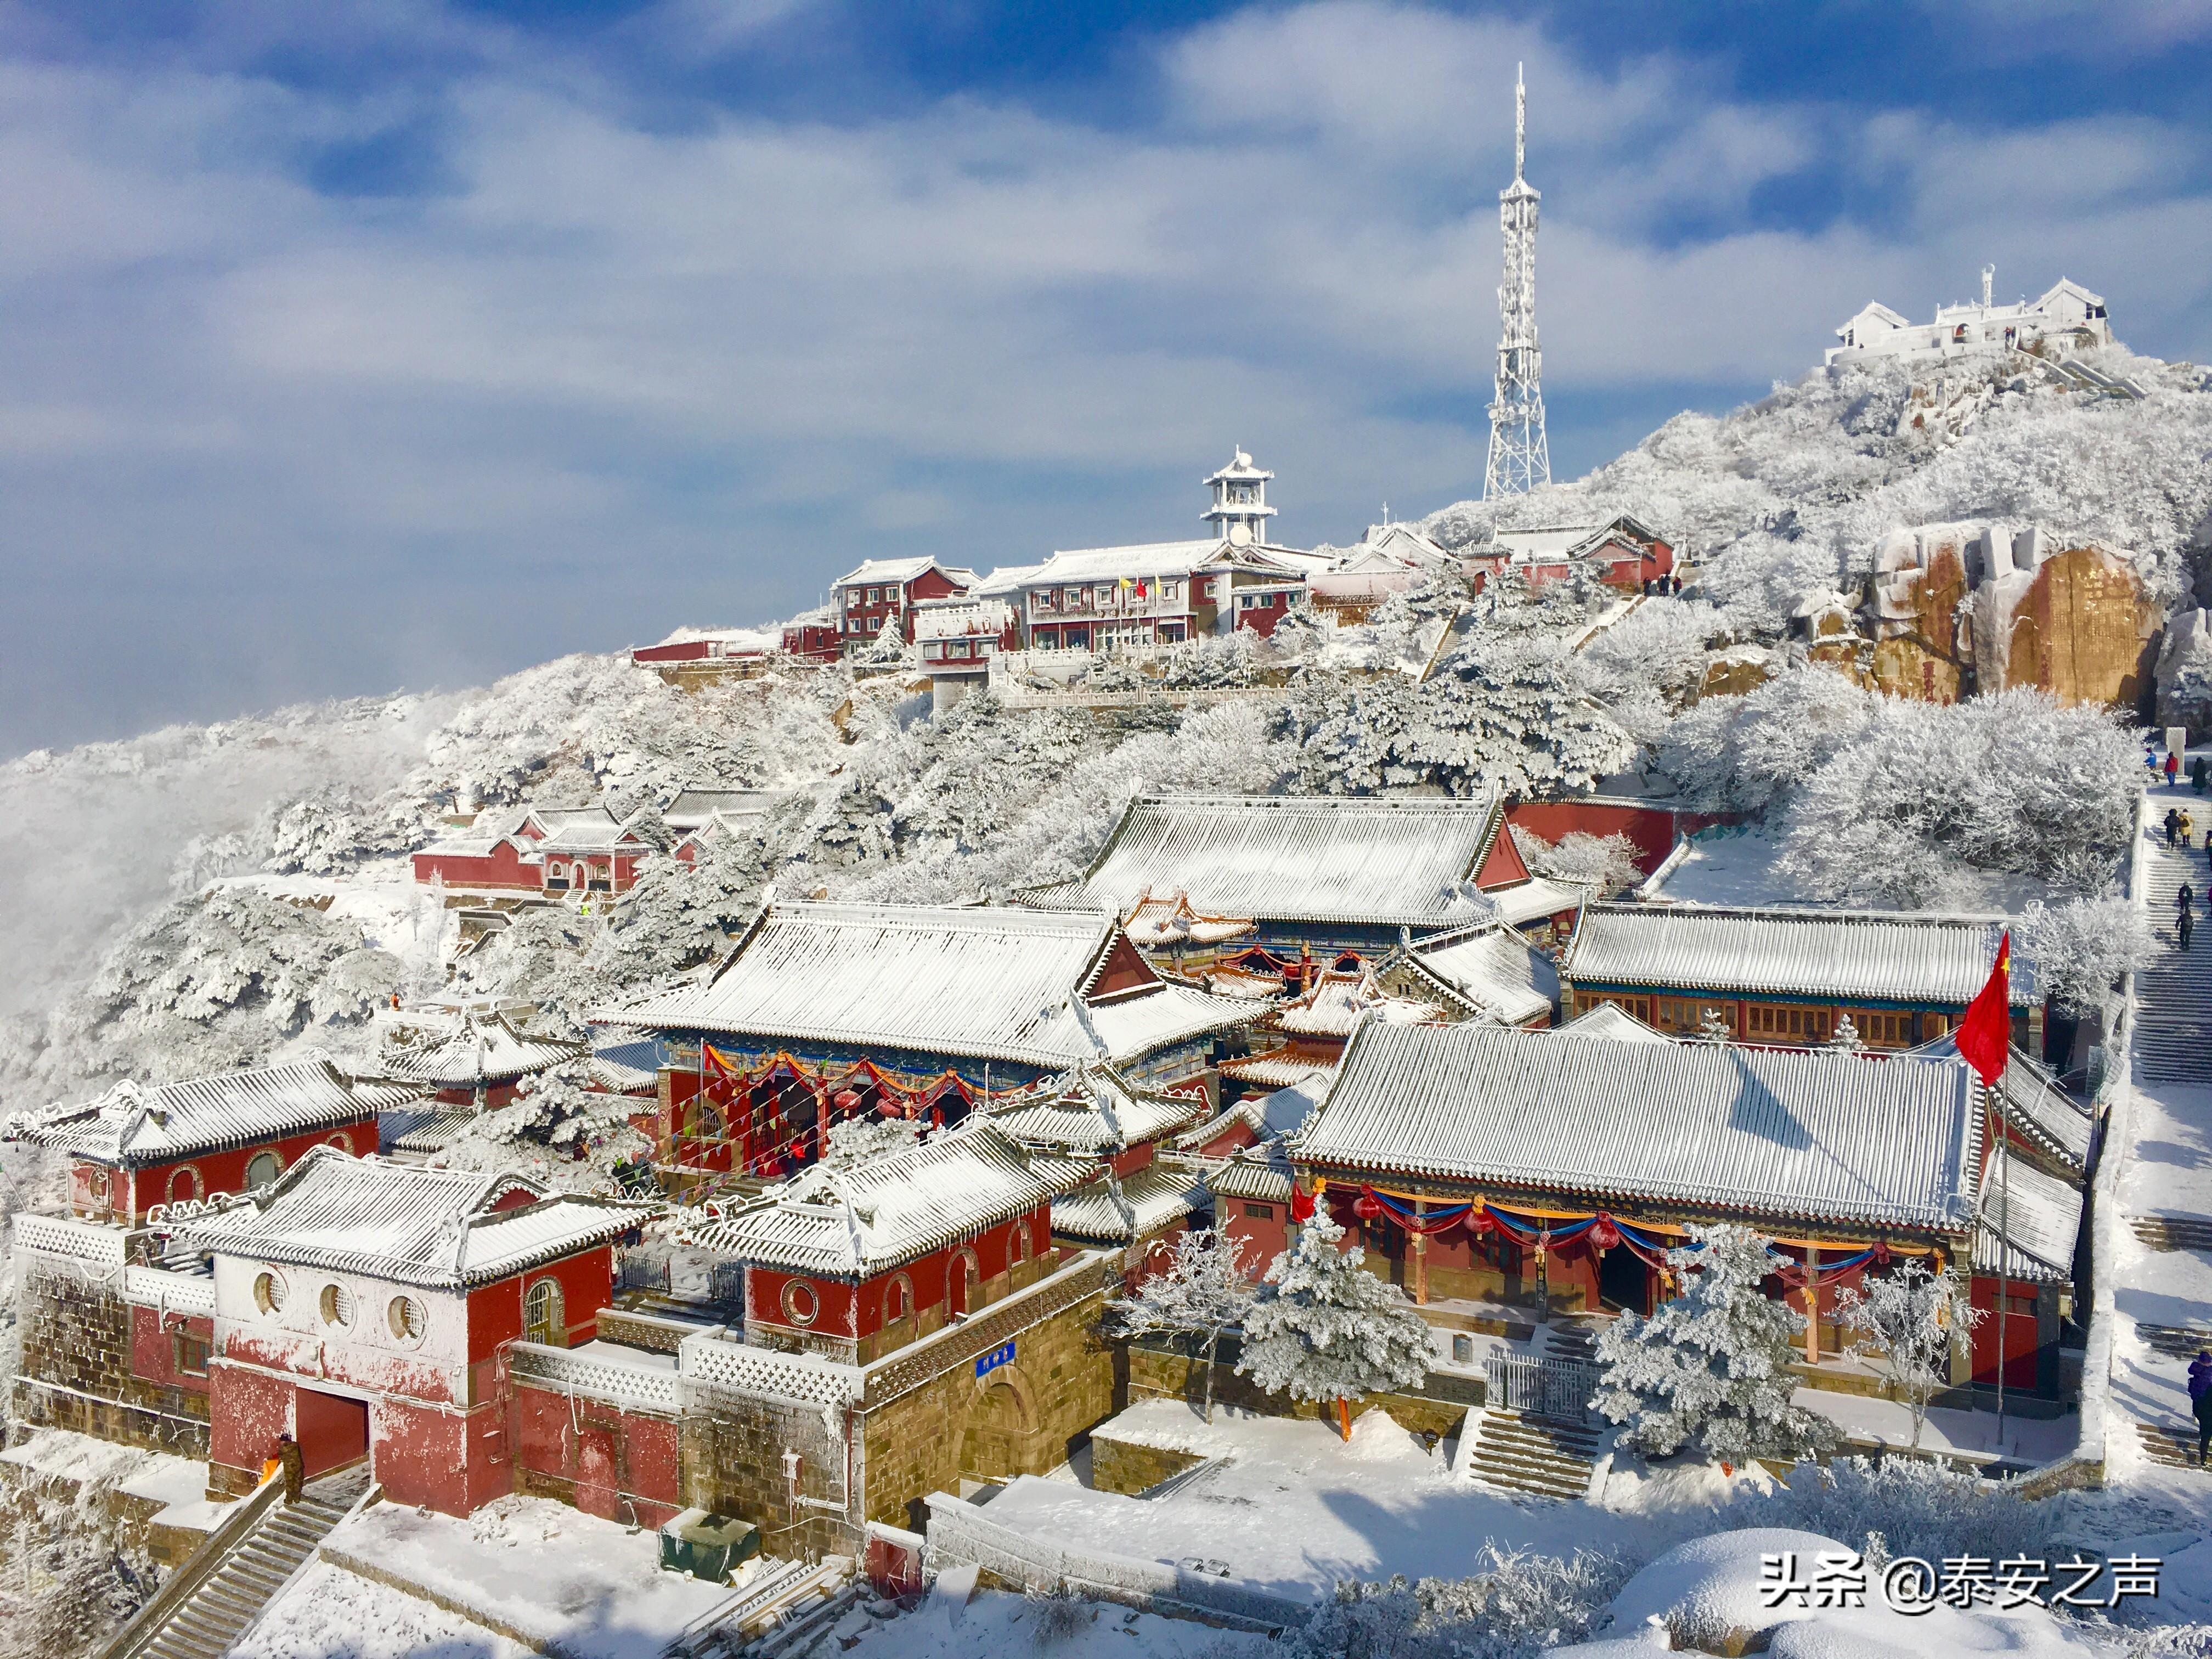 bf88今冬第一场雪,如约而至!多图带你看bf88雪景